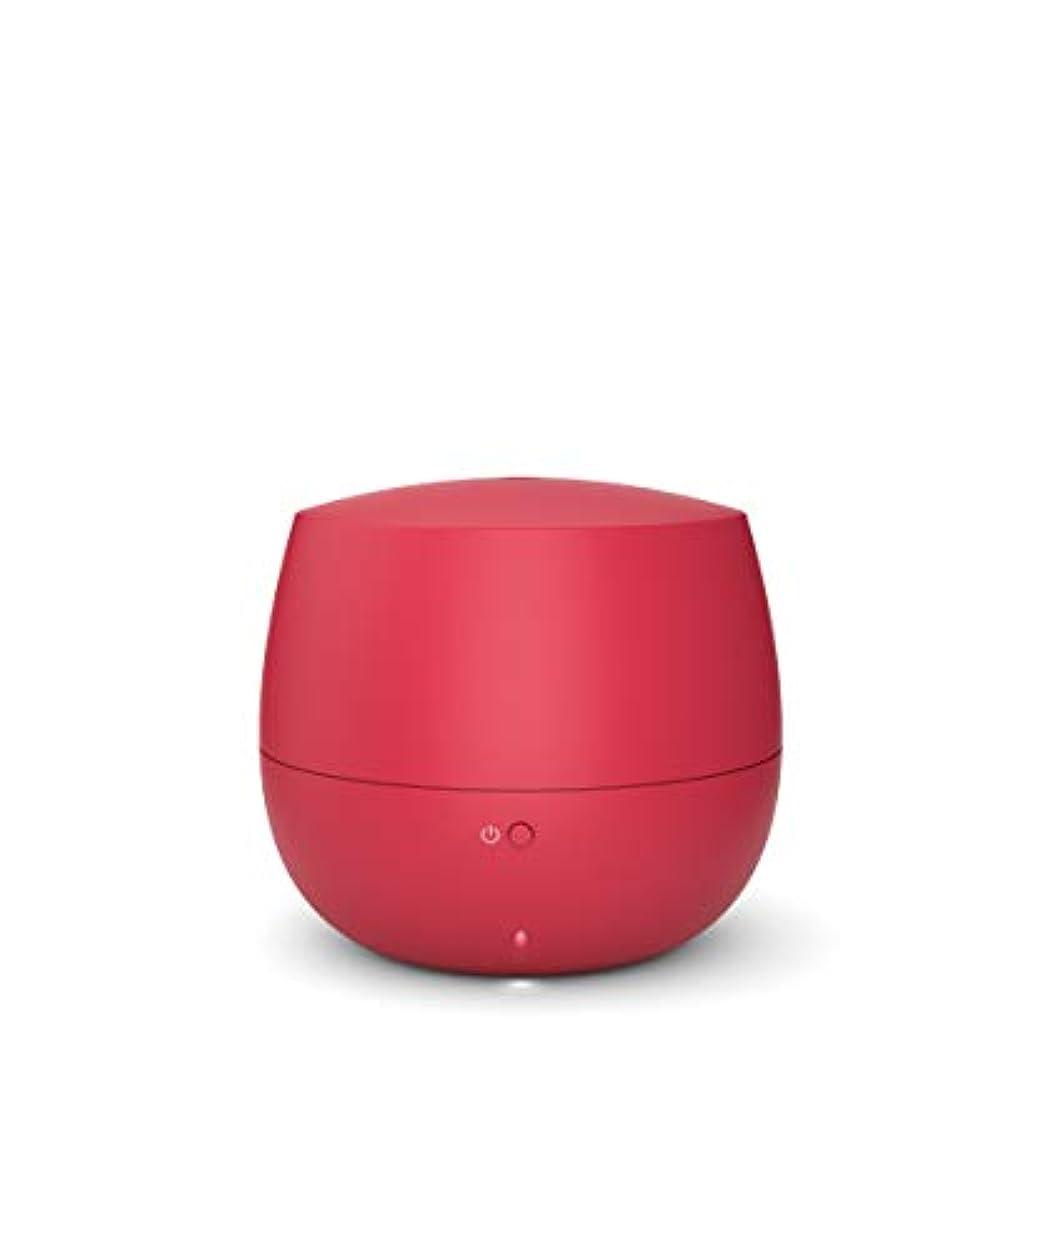 トマト突き出すフロンティアMia アロマディフューザー レッド Stadler Form スタドラフォーム Mia Aroma Diffuser Red 超音波式 ンテリア コンパクト ギフト プレゼント